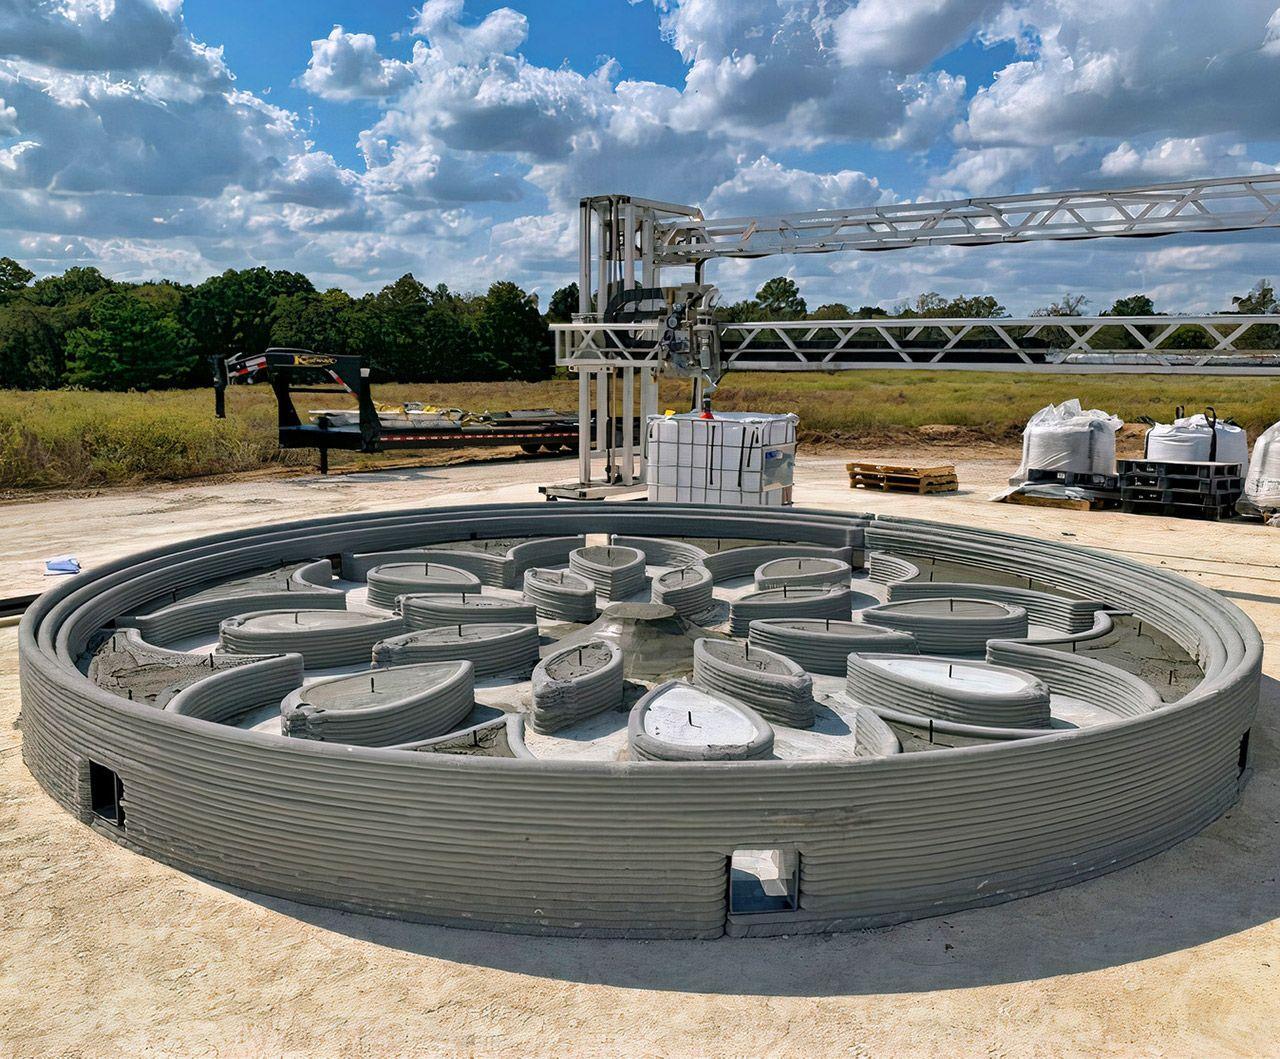 Компания ICON с помощью 3D-принтера создала первую в мире ракетную площадку для лунных миссий NASA